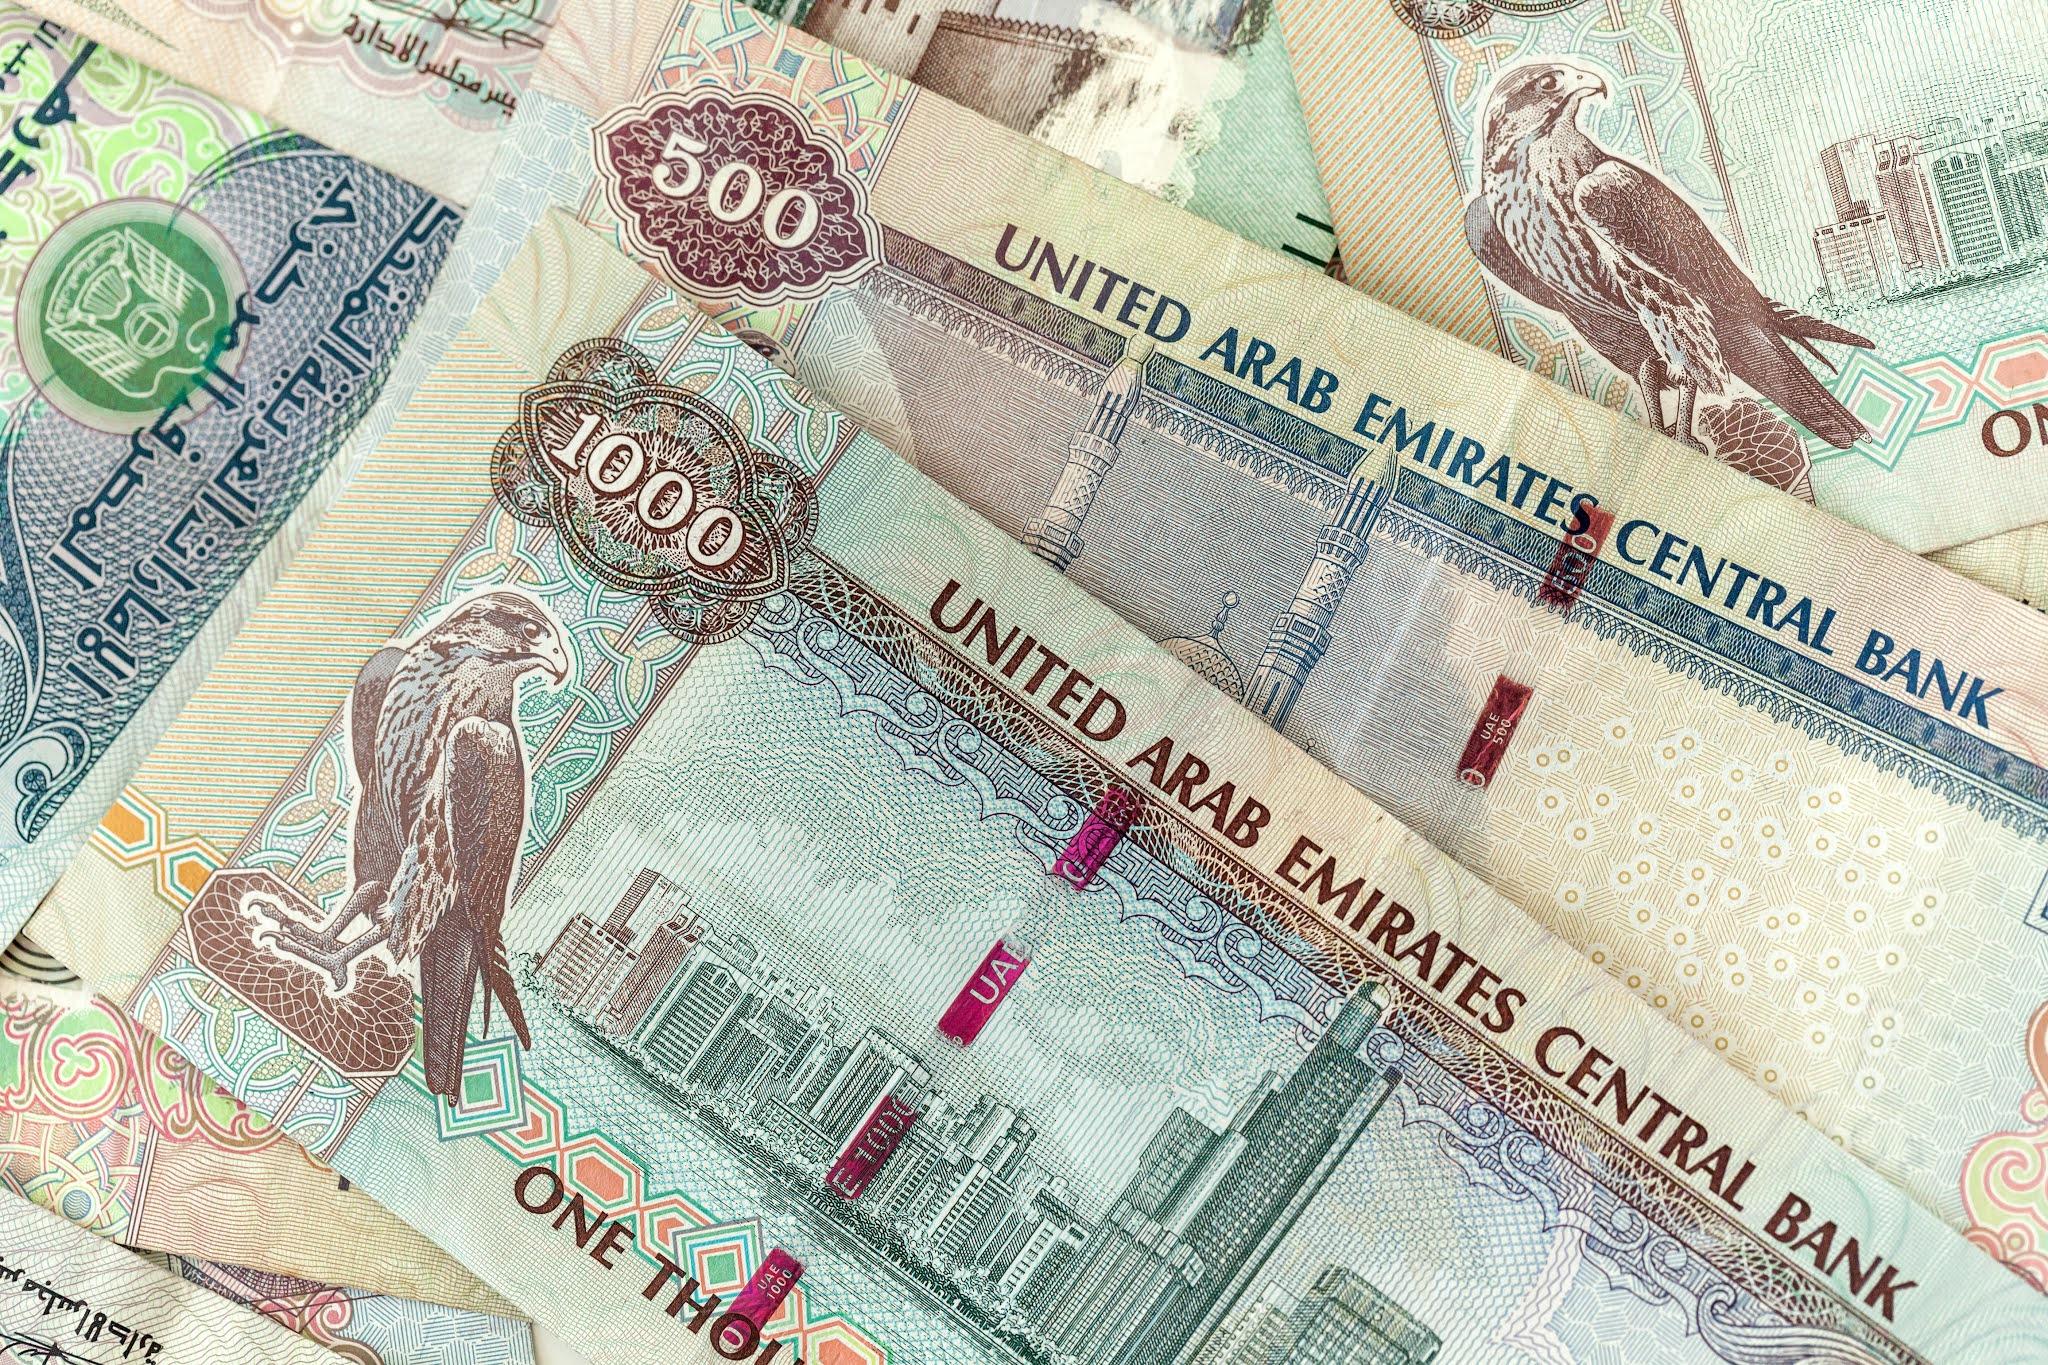 """مصرف """"أبوظبي الإسلامي"""" يعيّن مصرفيًا إماراتيًا مخضرماً رئيسًا لشبكة فروعه بالإمارات"""